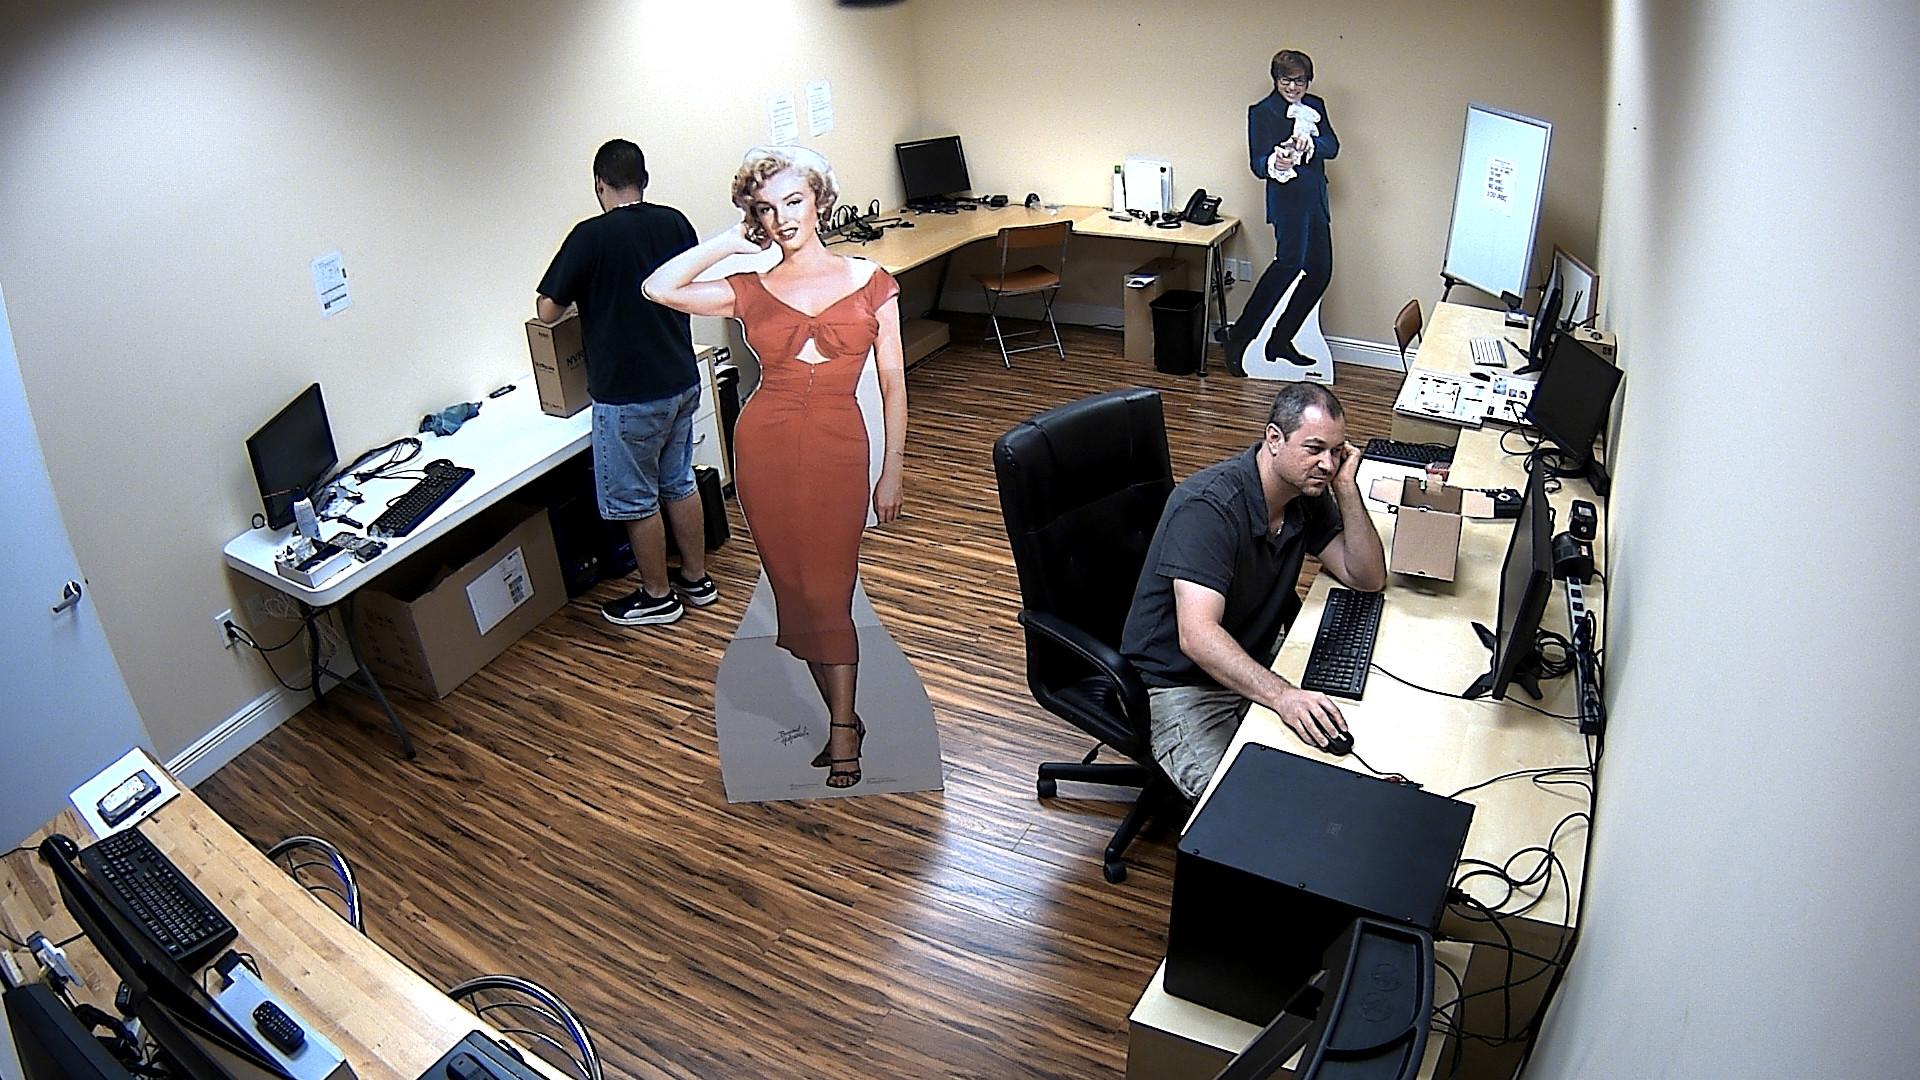 Секс в офисе 18, Порно в офисе. Секс с секретаршей 6 фотография